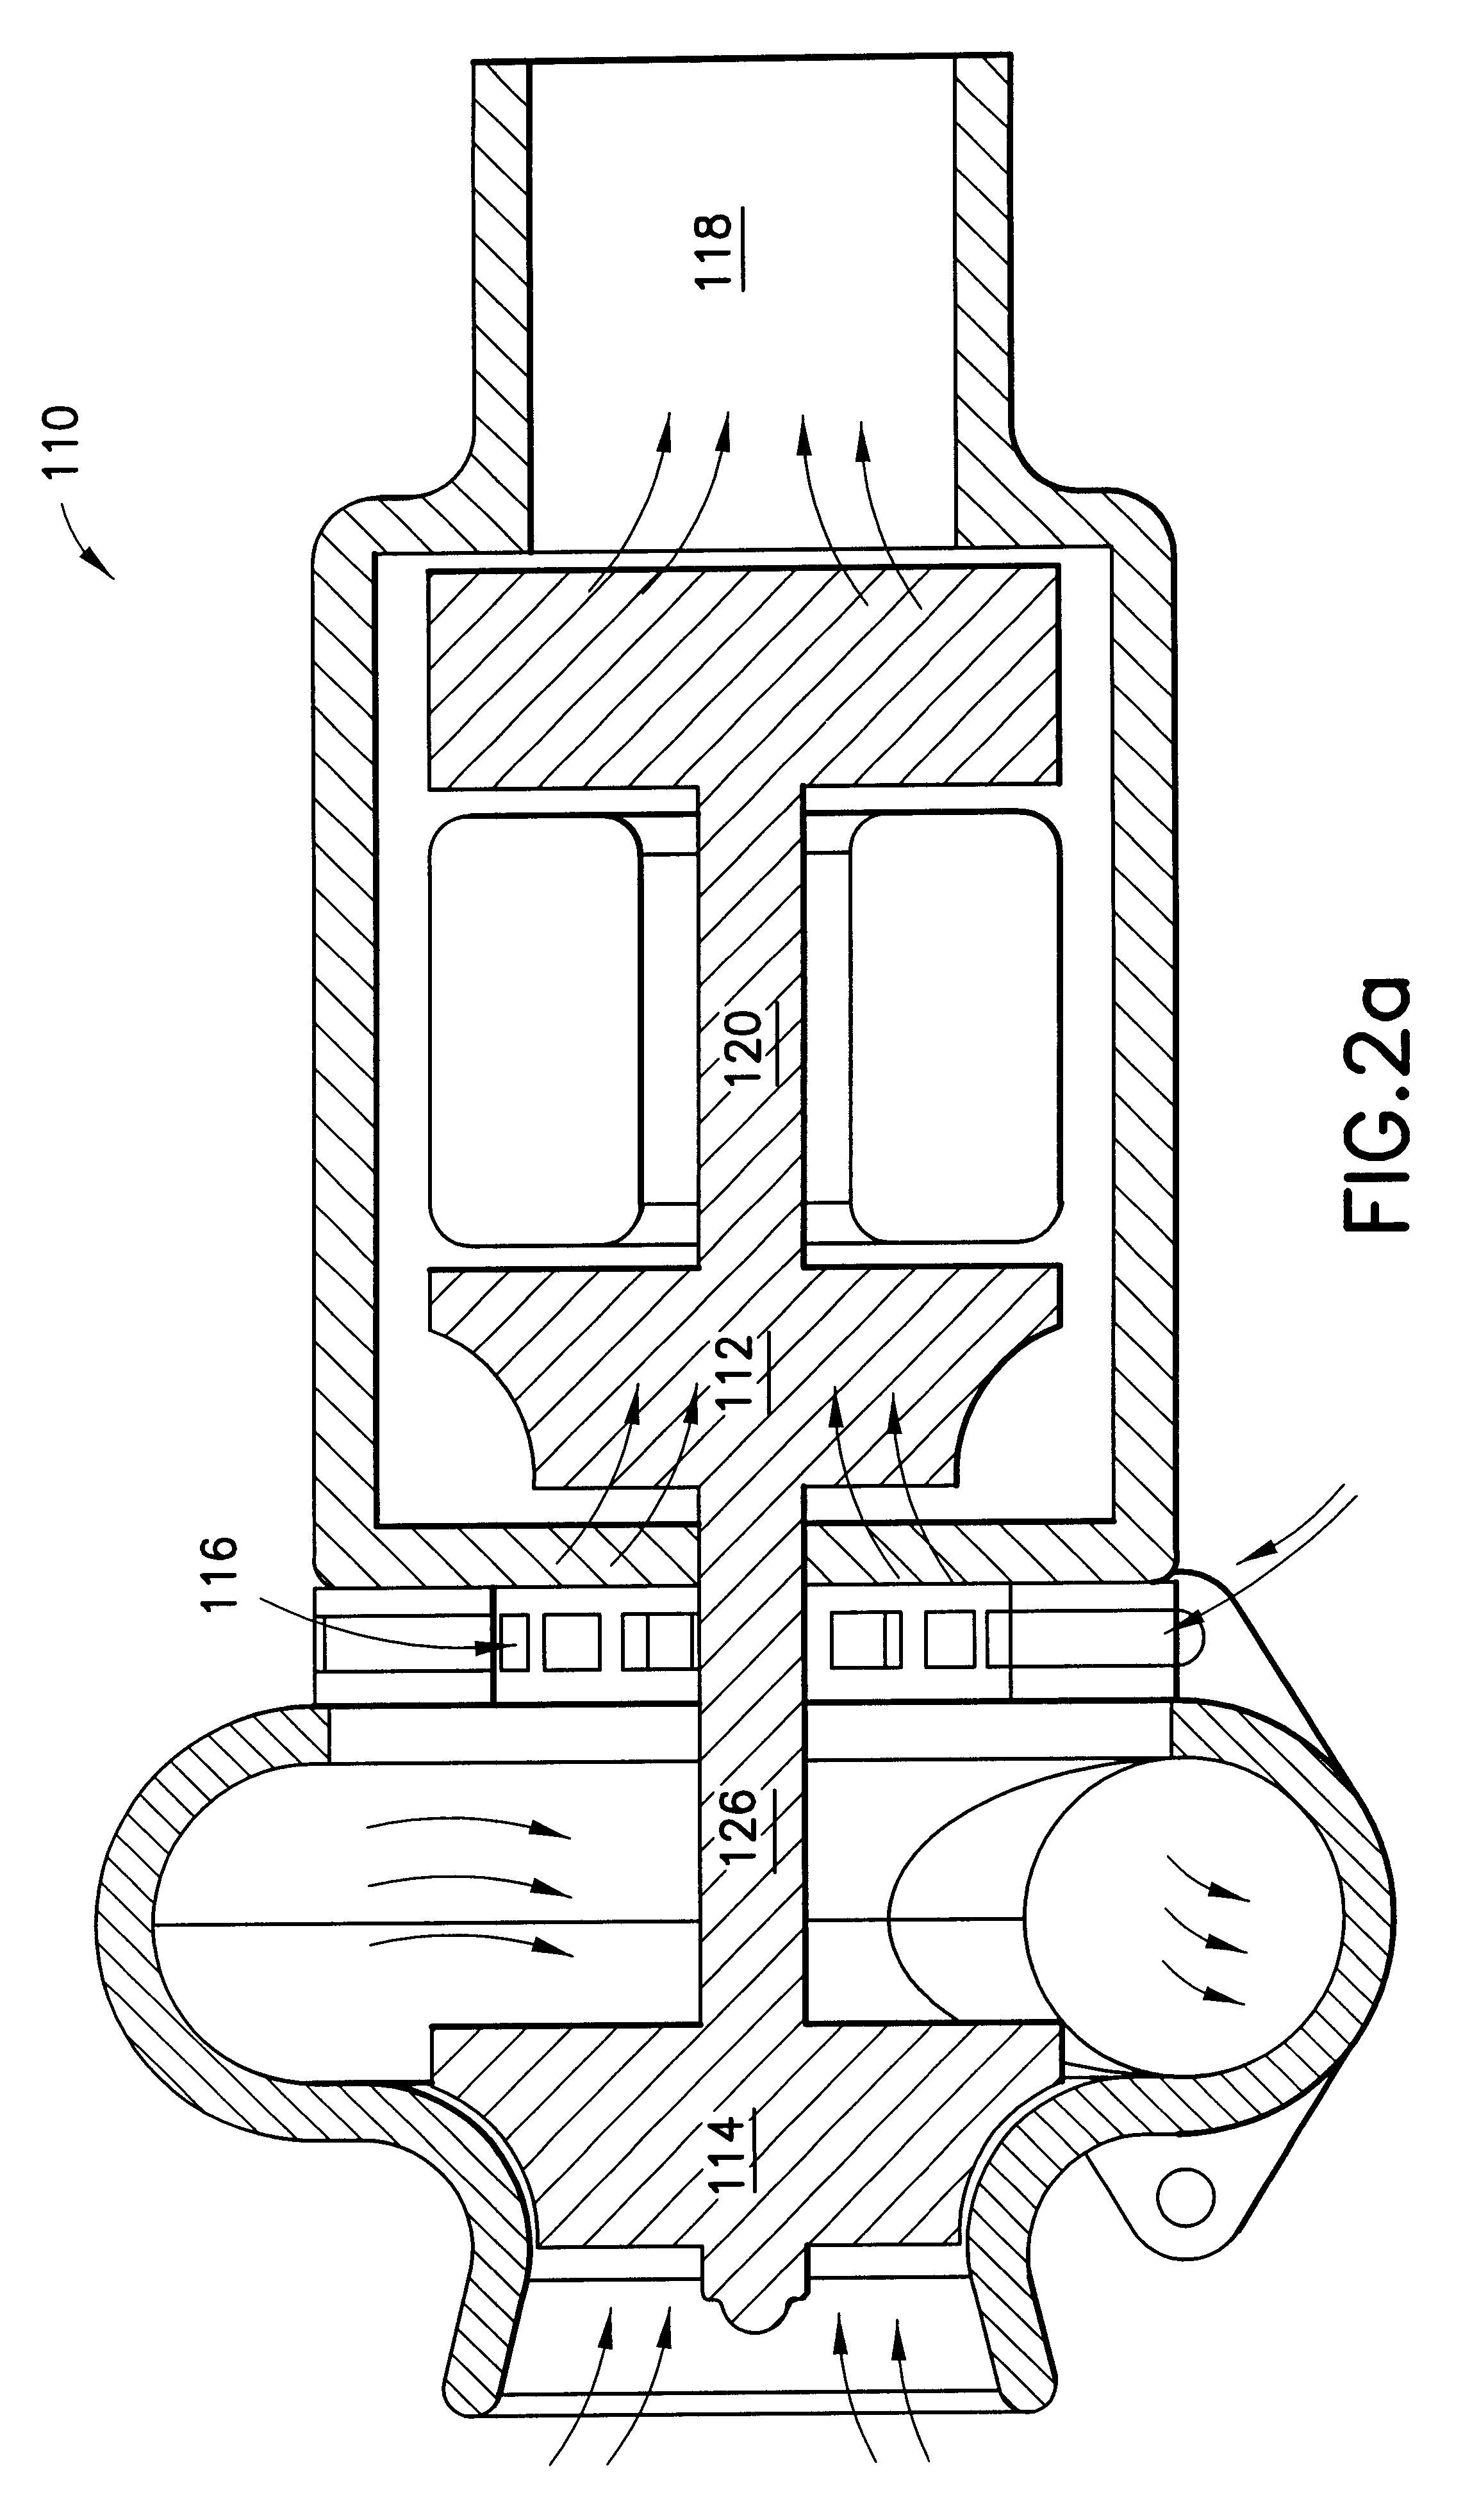 patent us6450156